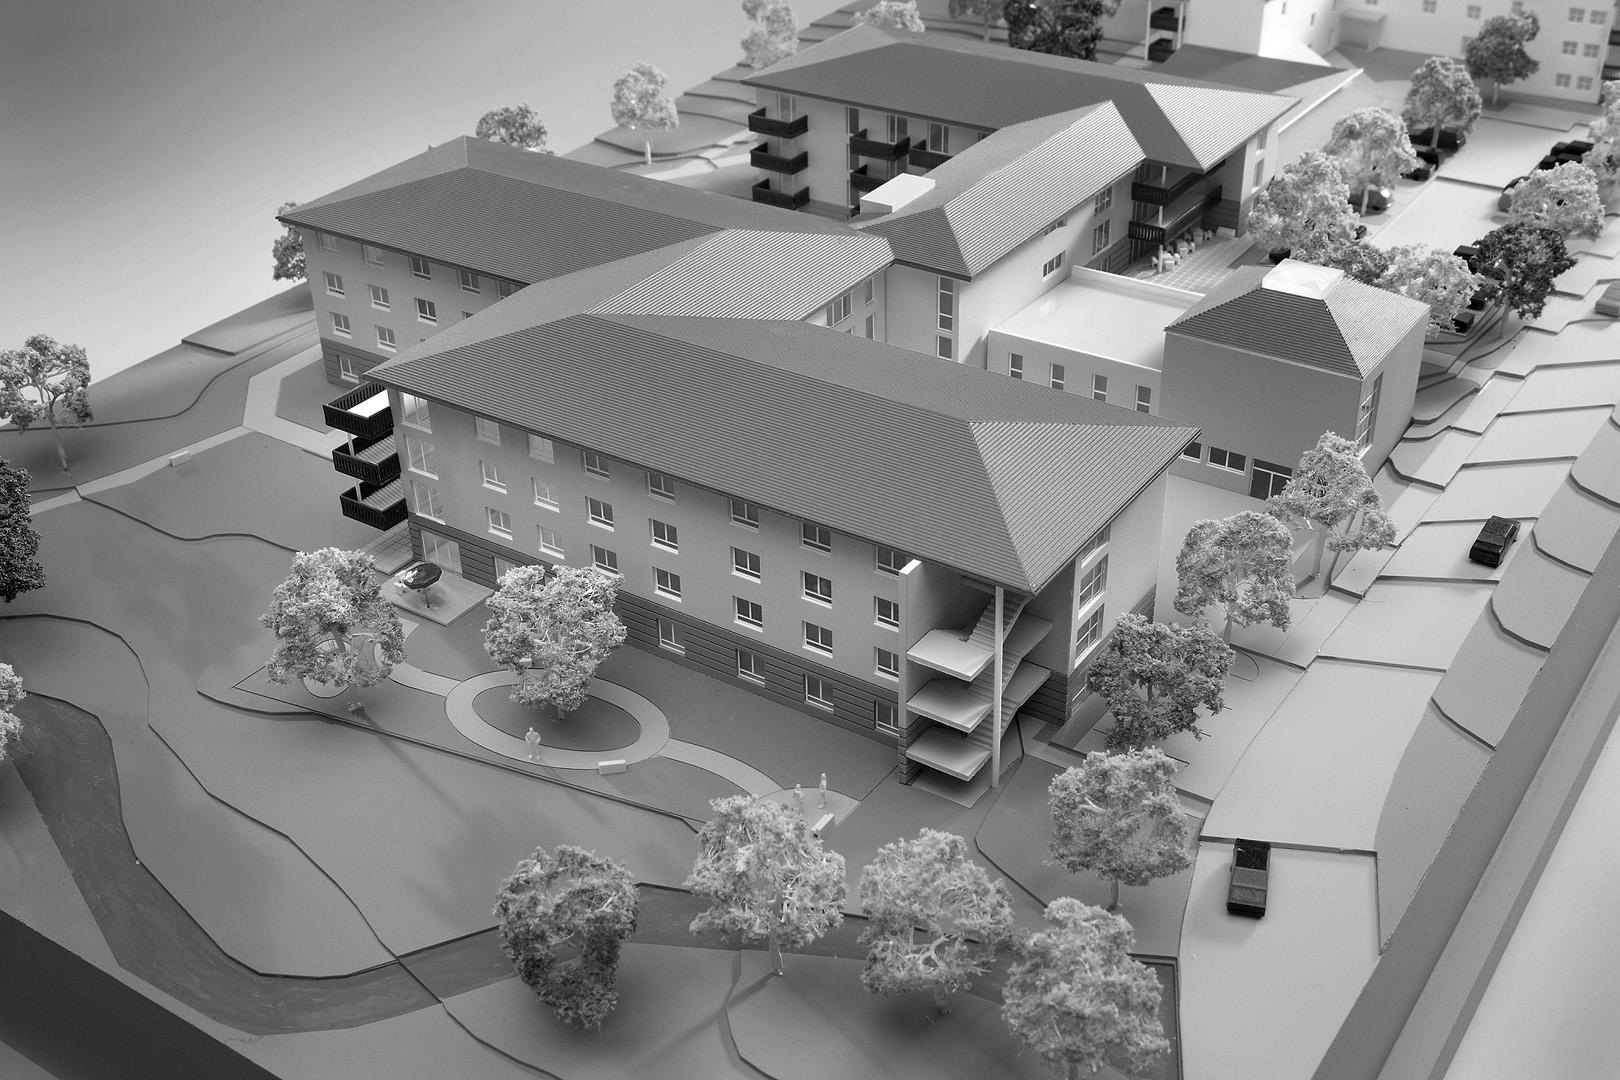 Seniorenzentrum Krumbach: Fertigstellung 1. Bauabschnitt 2010 /Fertigstellung 2. Bauabschnitt 2012 / BRI ca. 28.000m³ / BGF ca.  7.800m²